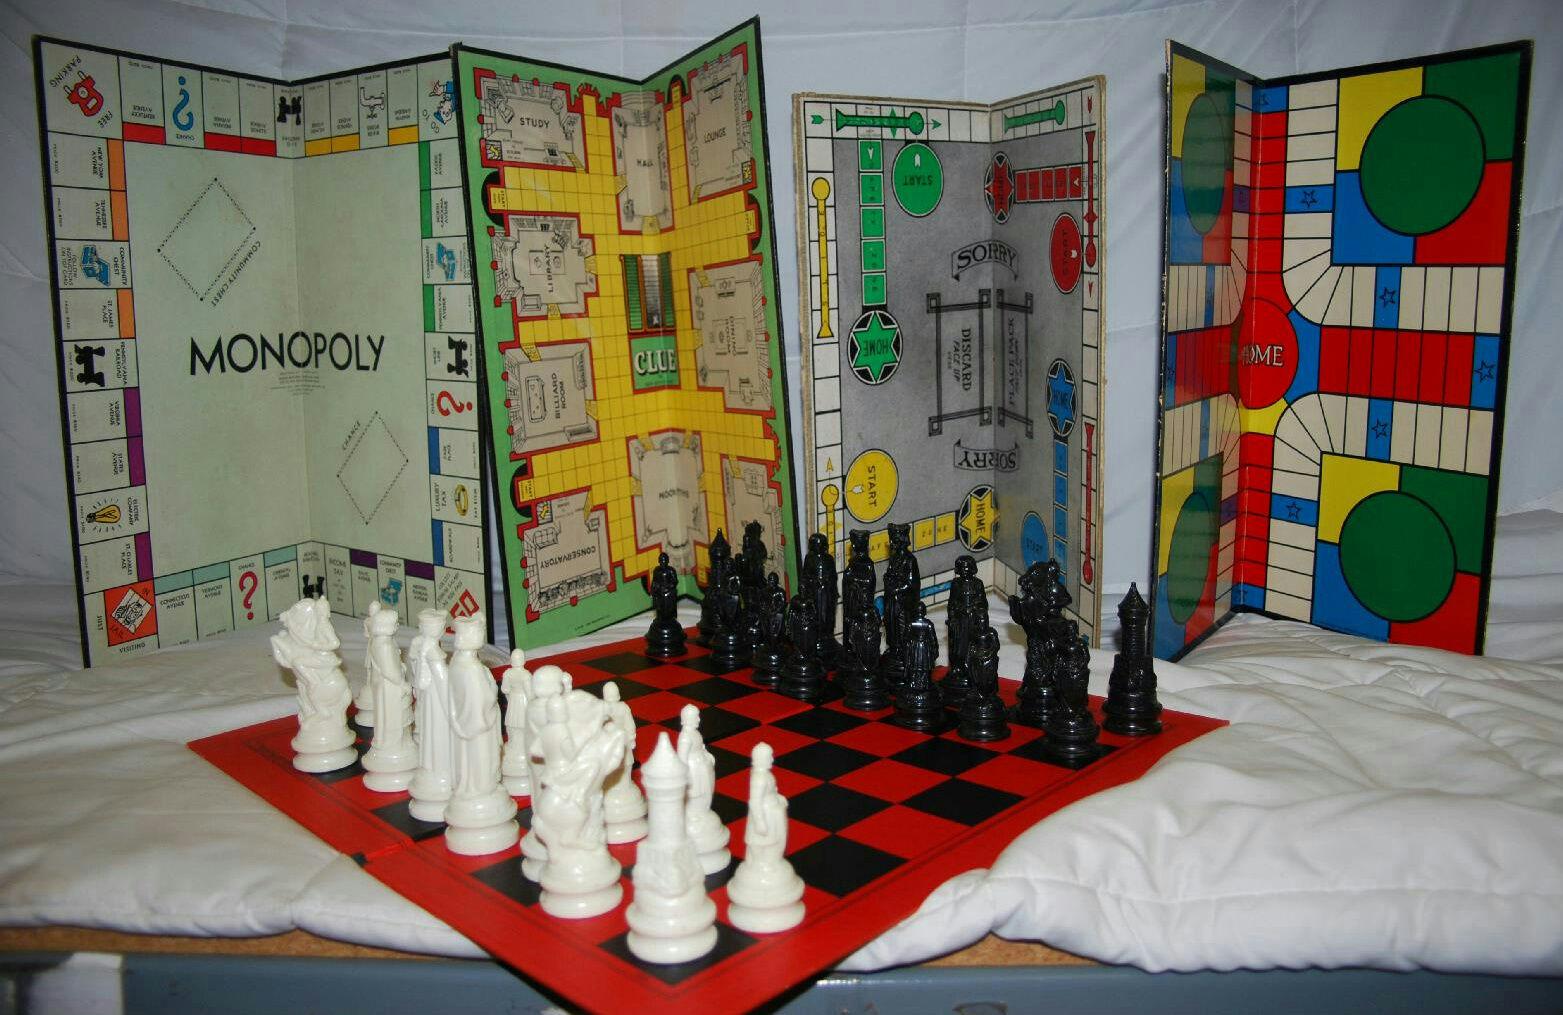 Anri 31 piezas de ajedrez & Mb Damas, Lo siento, India, placas de juego monopolio Clue &